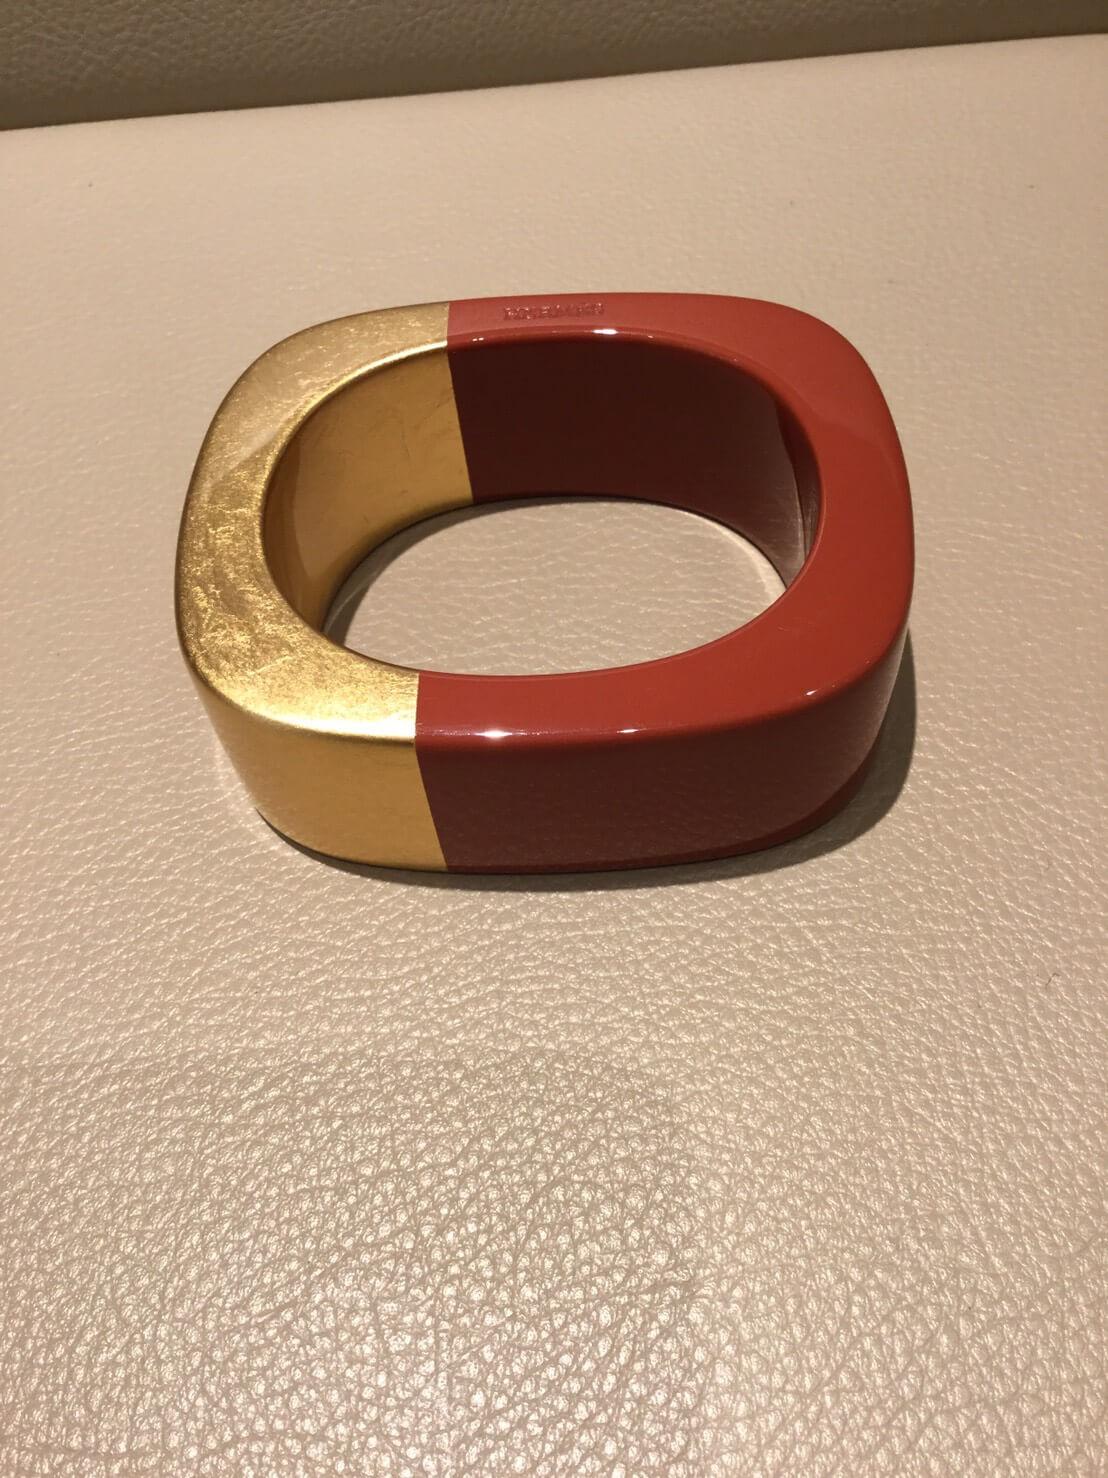 エルメス バングル ブラウン/ゴールド プラスチック